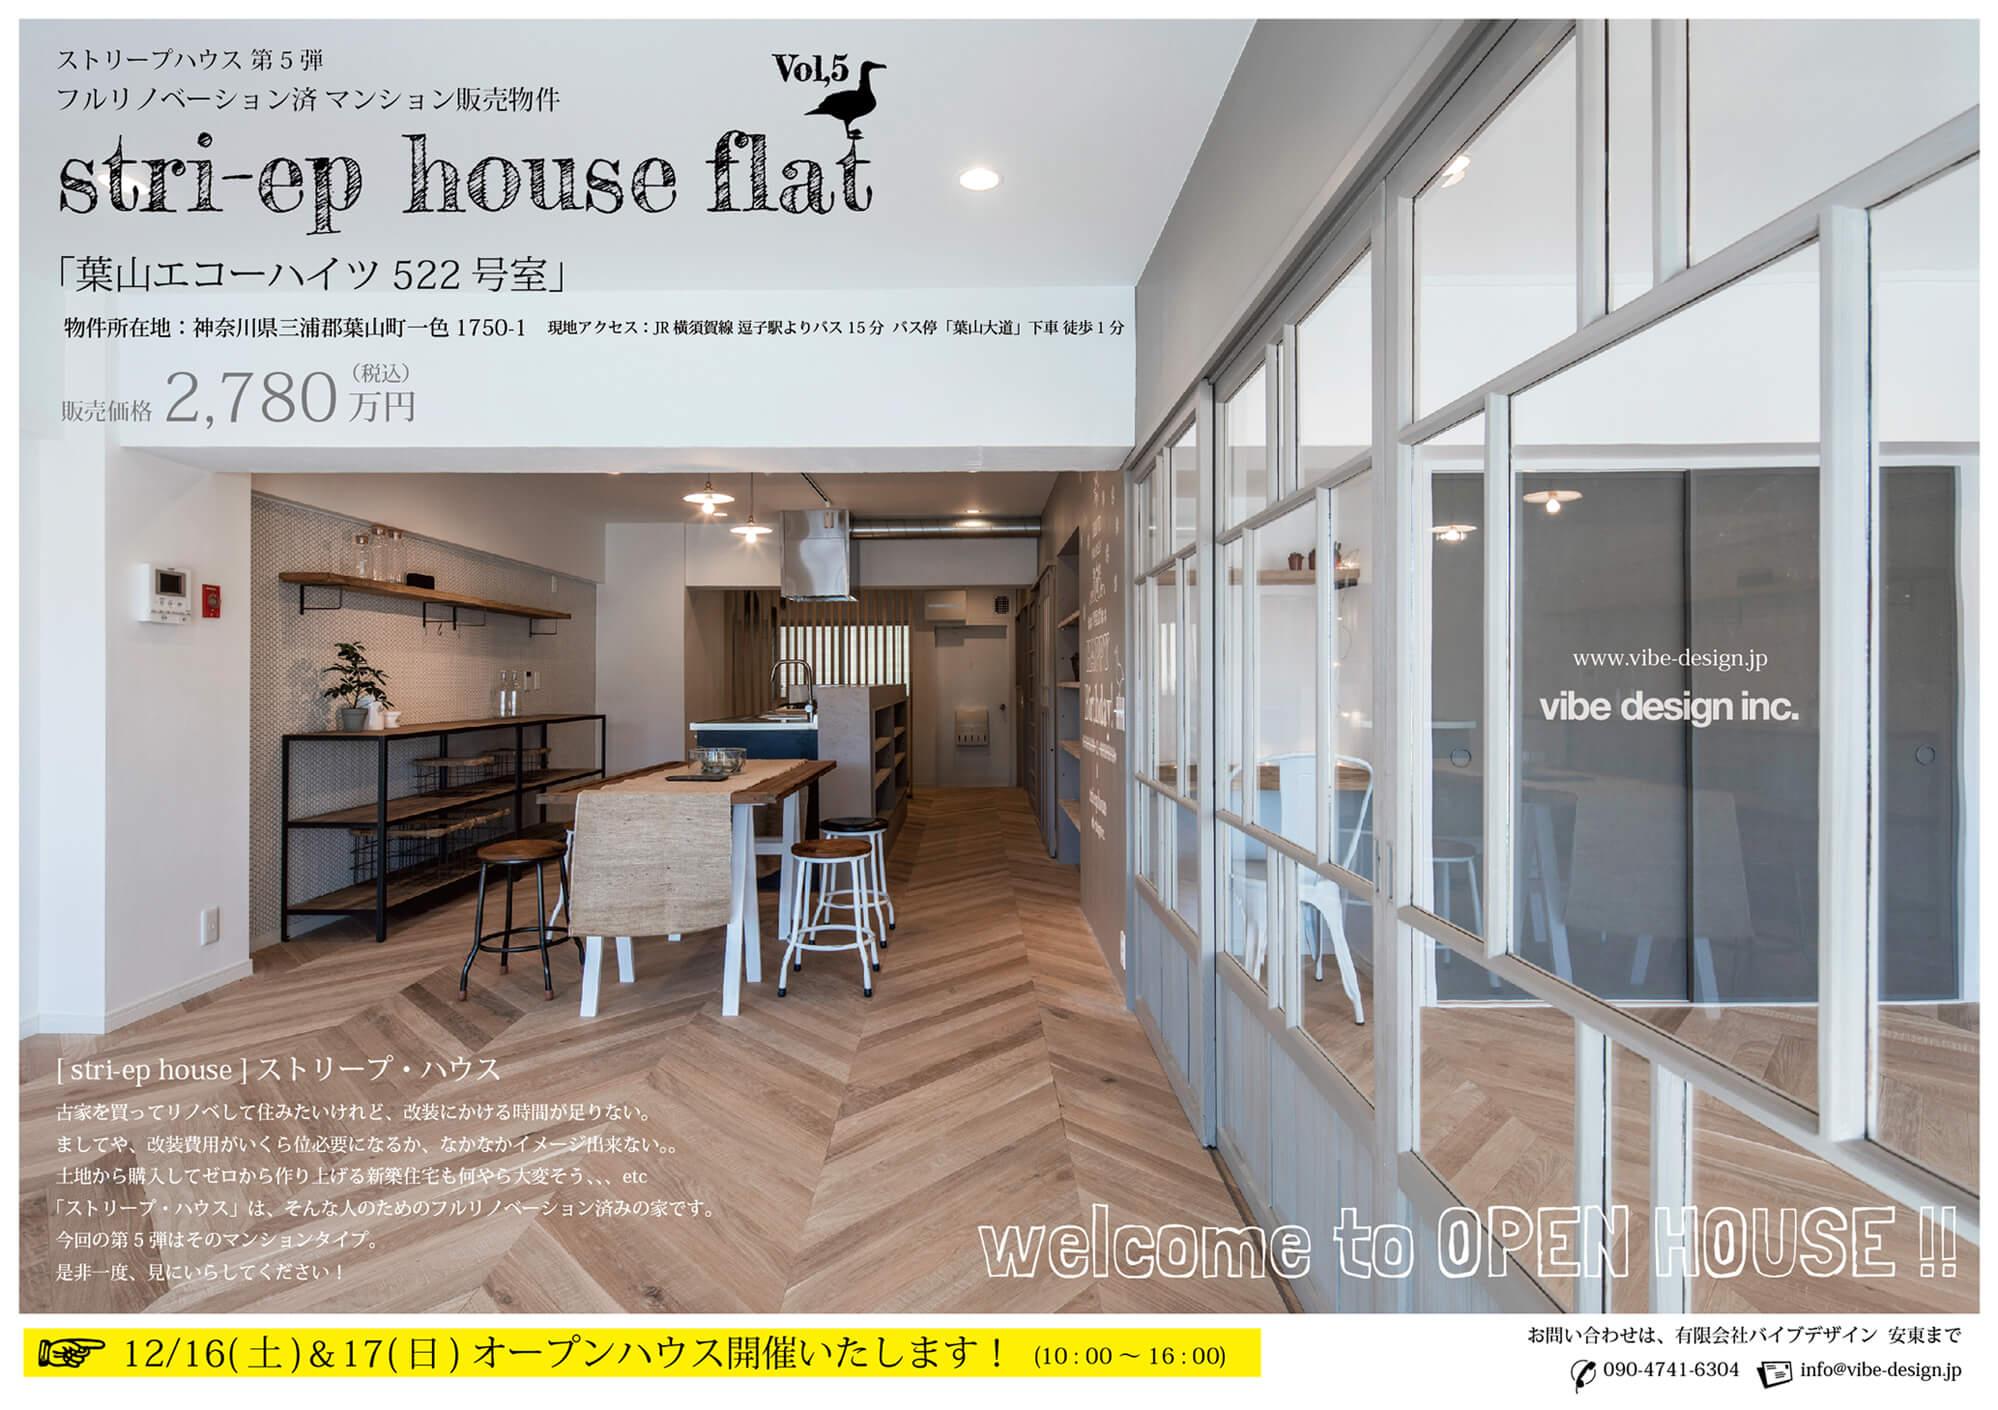 オープンハウス告知(ブログ&FB)